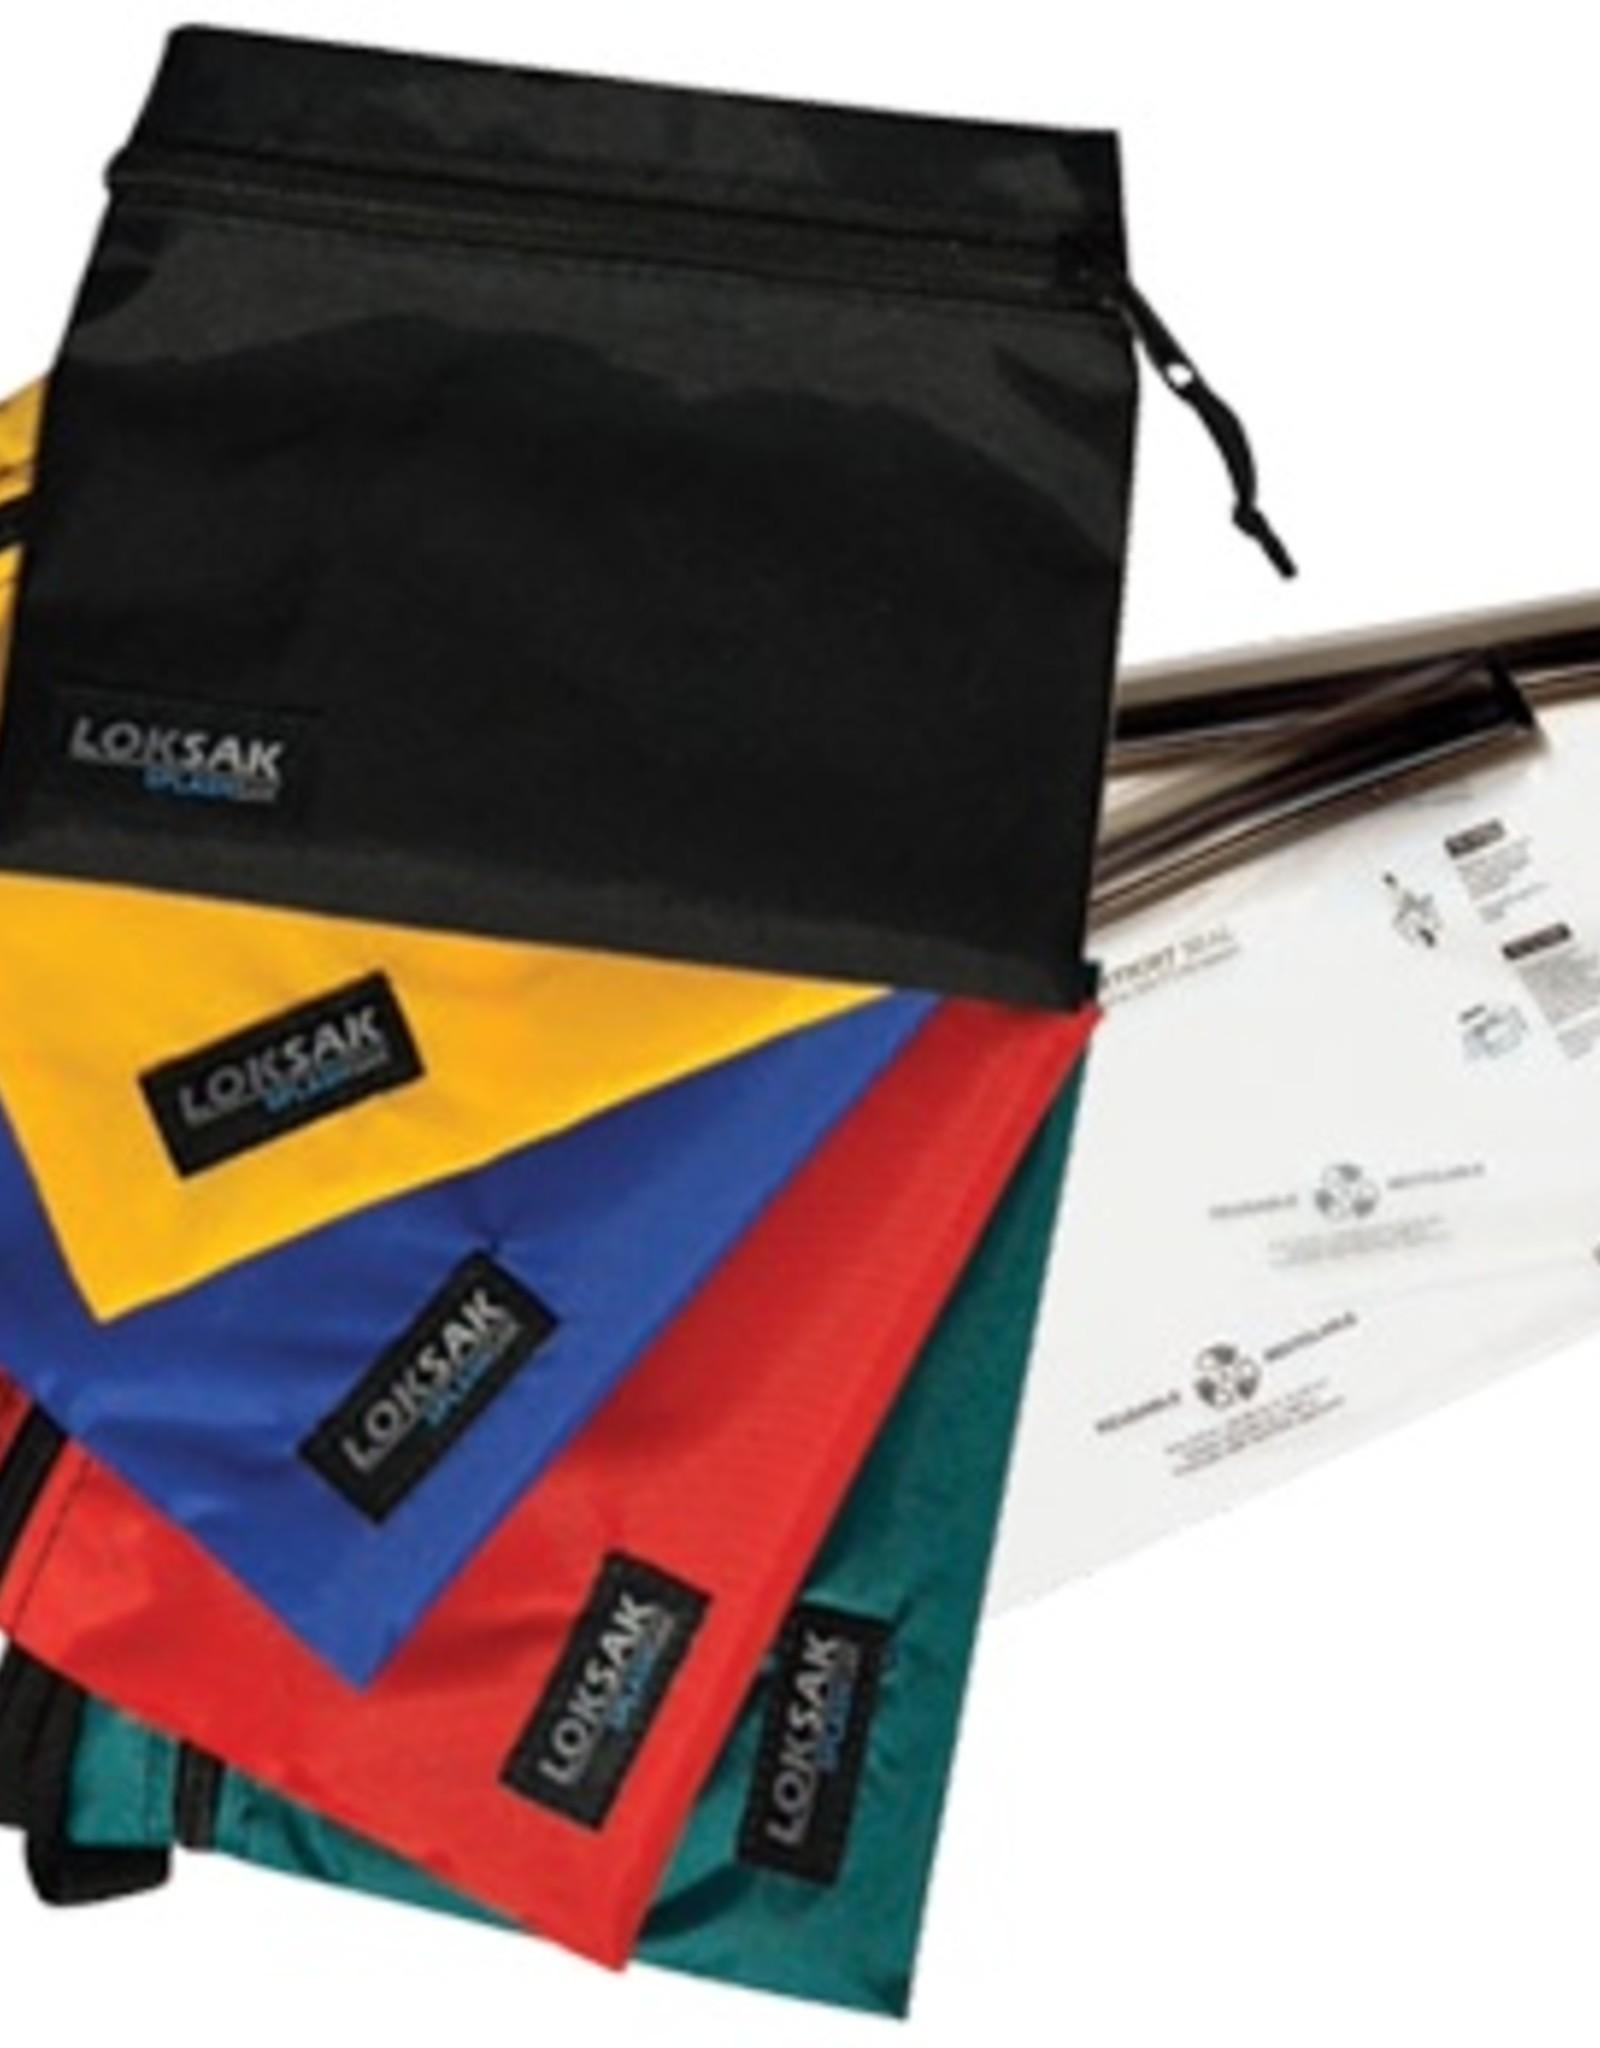 LokSak SPLASHSAK w/Waist Belt